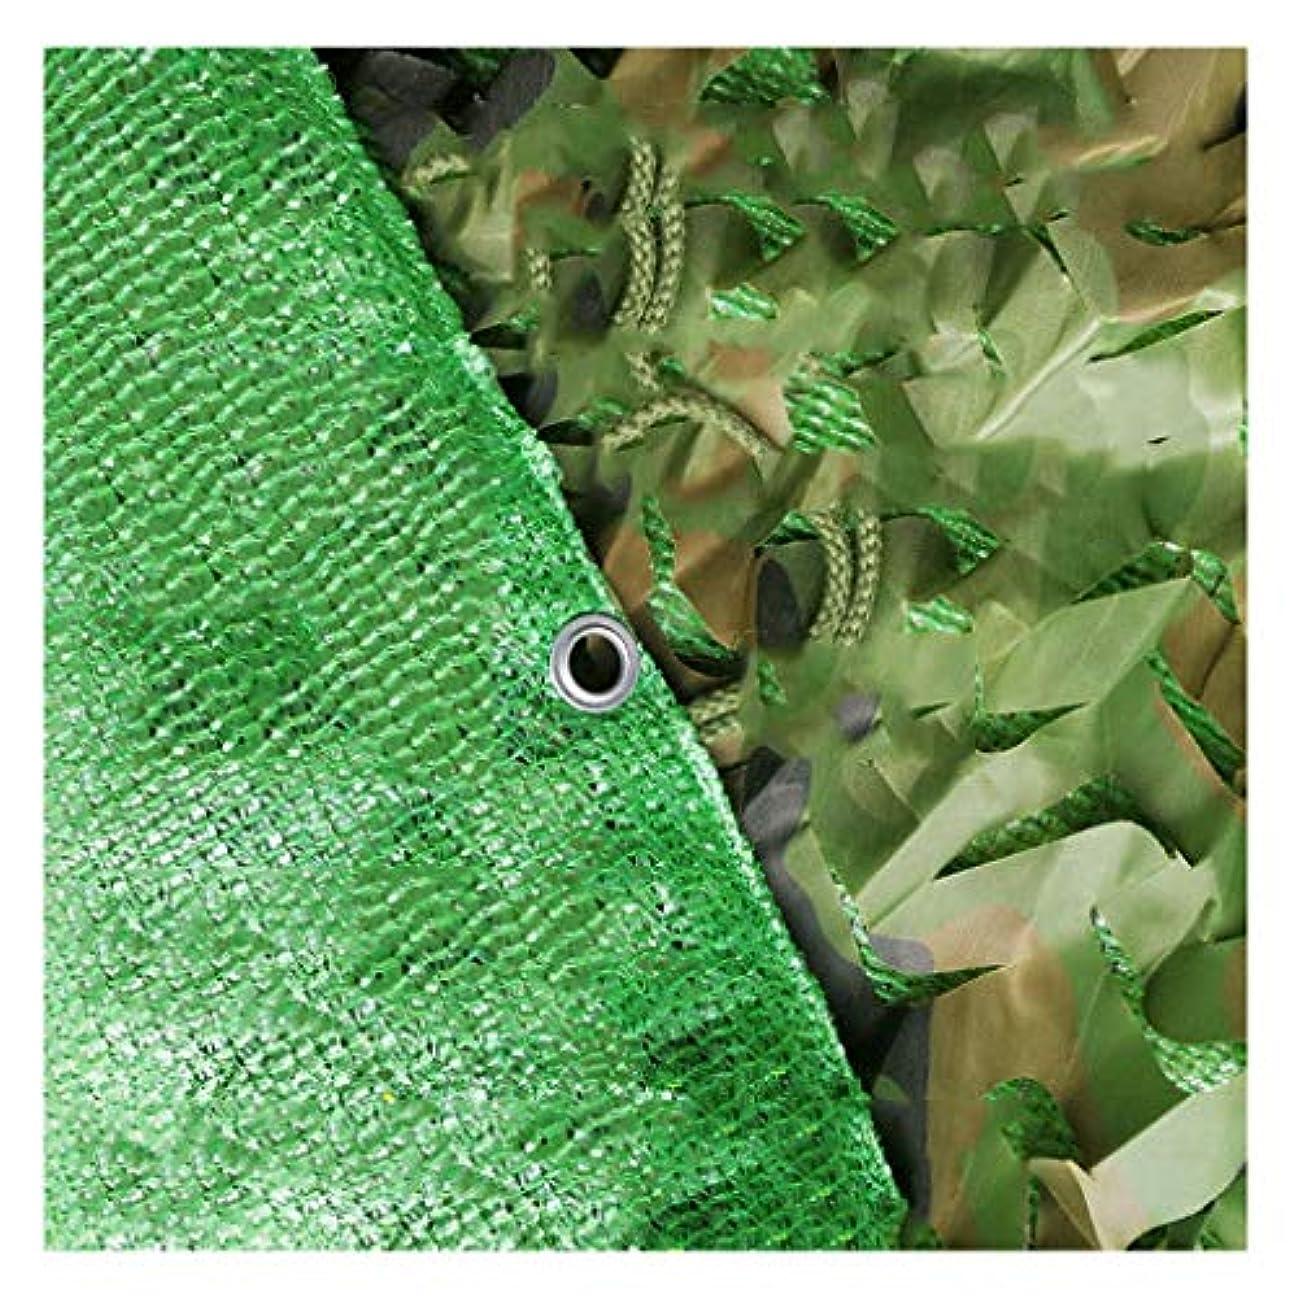 空虚トラフにおい屋外旅行の夏の日よけ(カモフラージュグリーン)マルチサイズに適した防蚊テント装飾ネット (サイズ さいず : 4*6m)